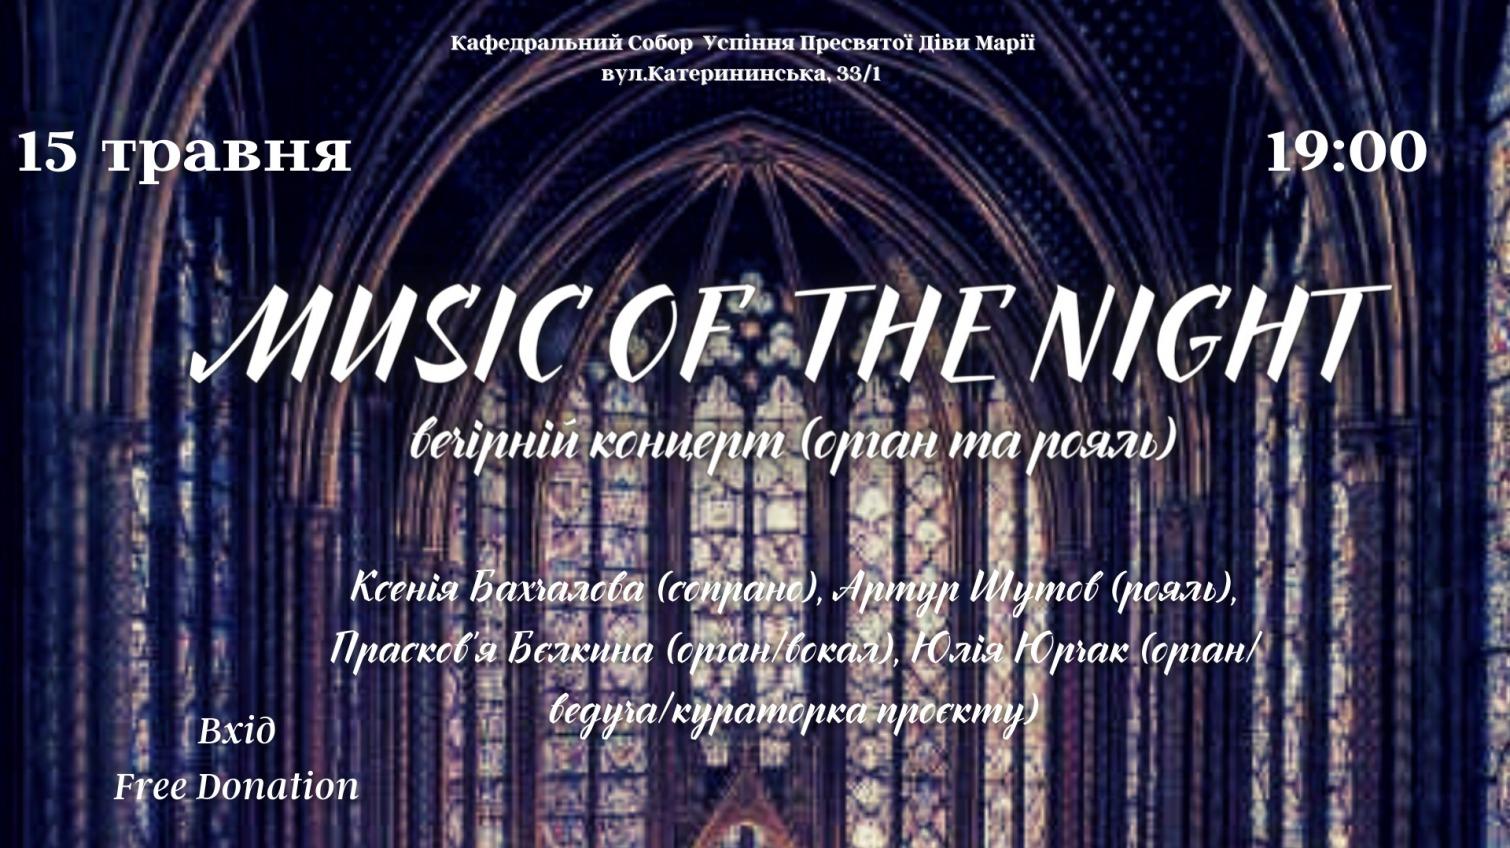 Орган и рояль: в соборе на Екатерининской проведут вечерний концерт «фото»